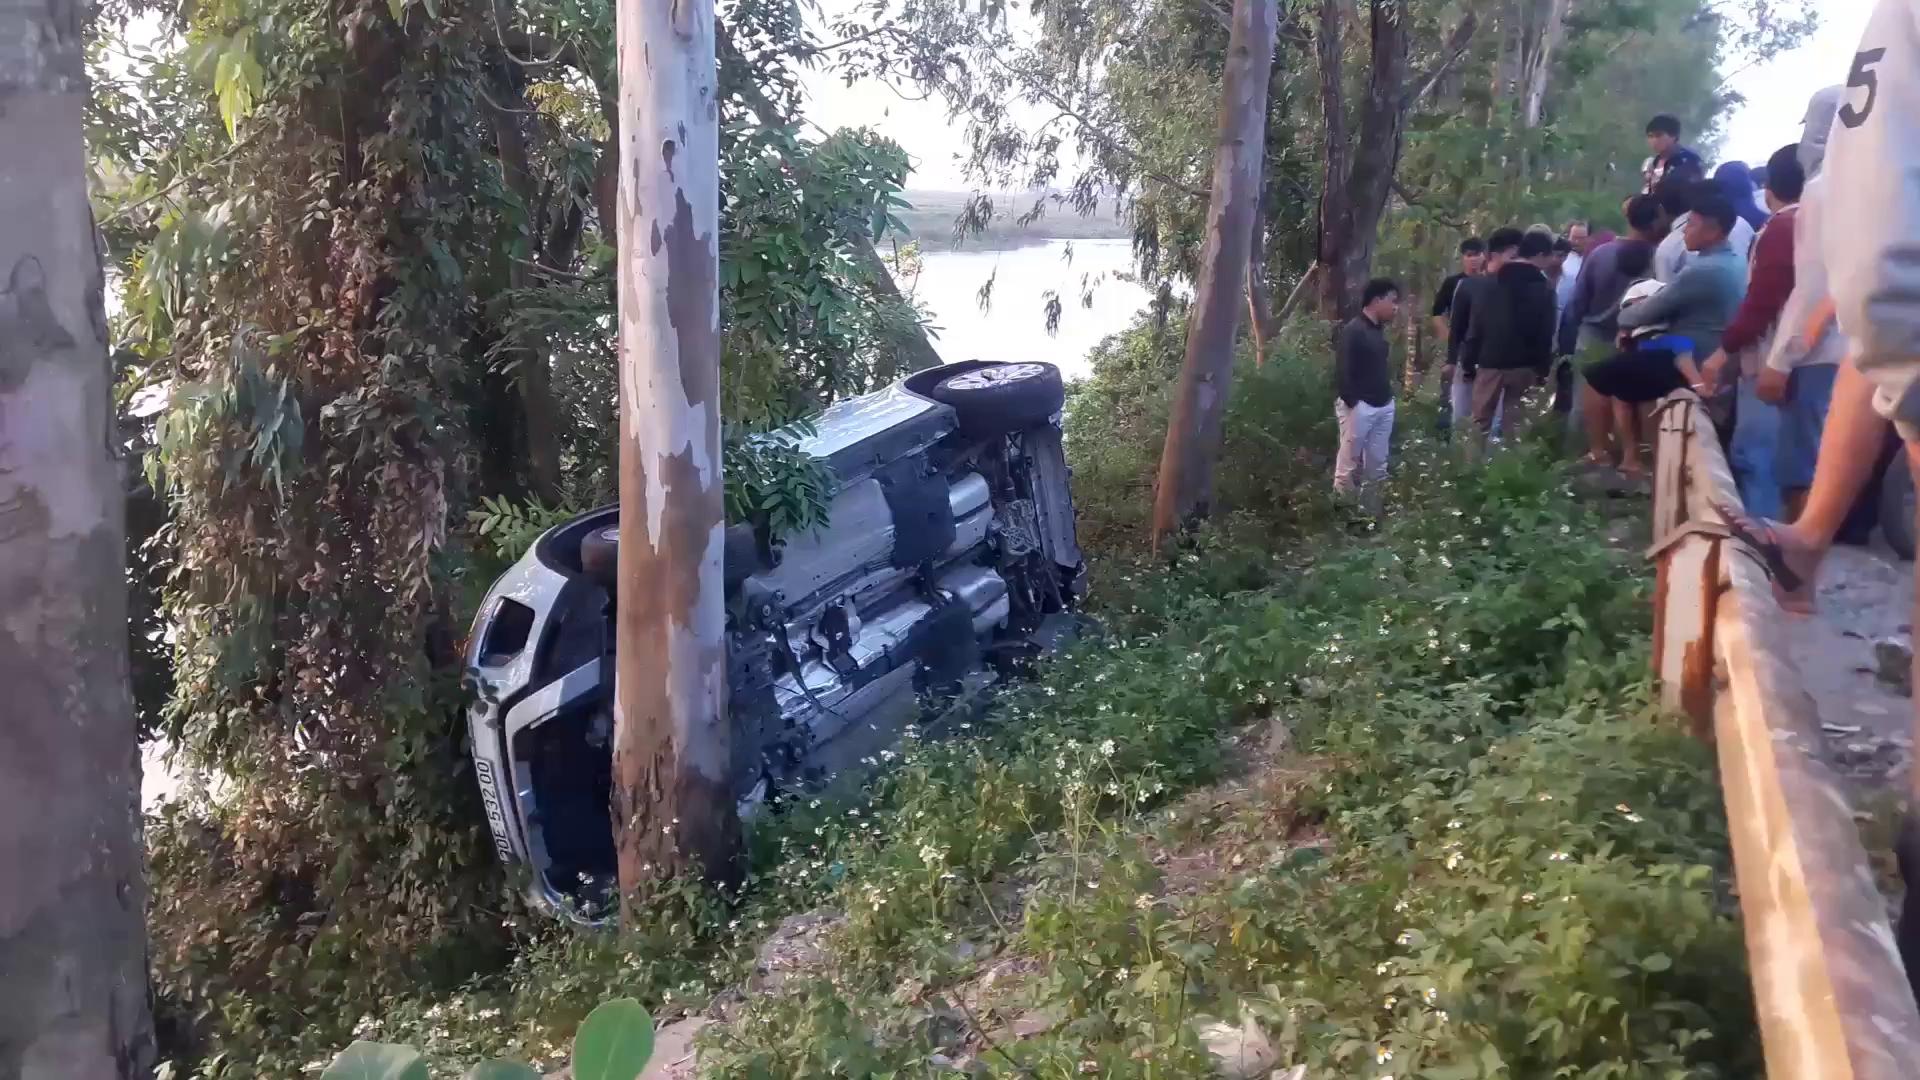 Video hiện trường vụ tai nạn xe Range Rover bay qua lan can như phim ở Nghệ An.